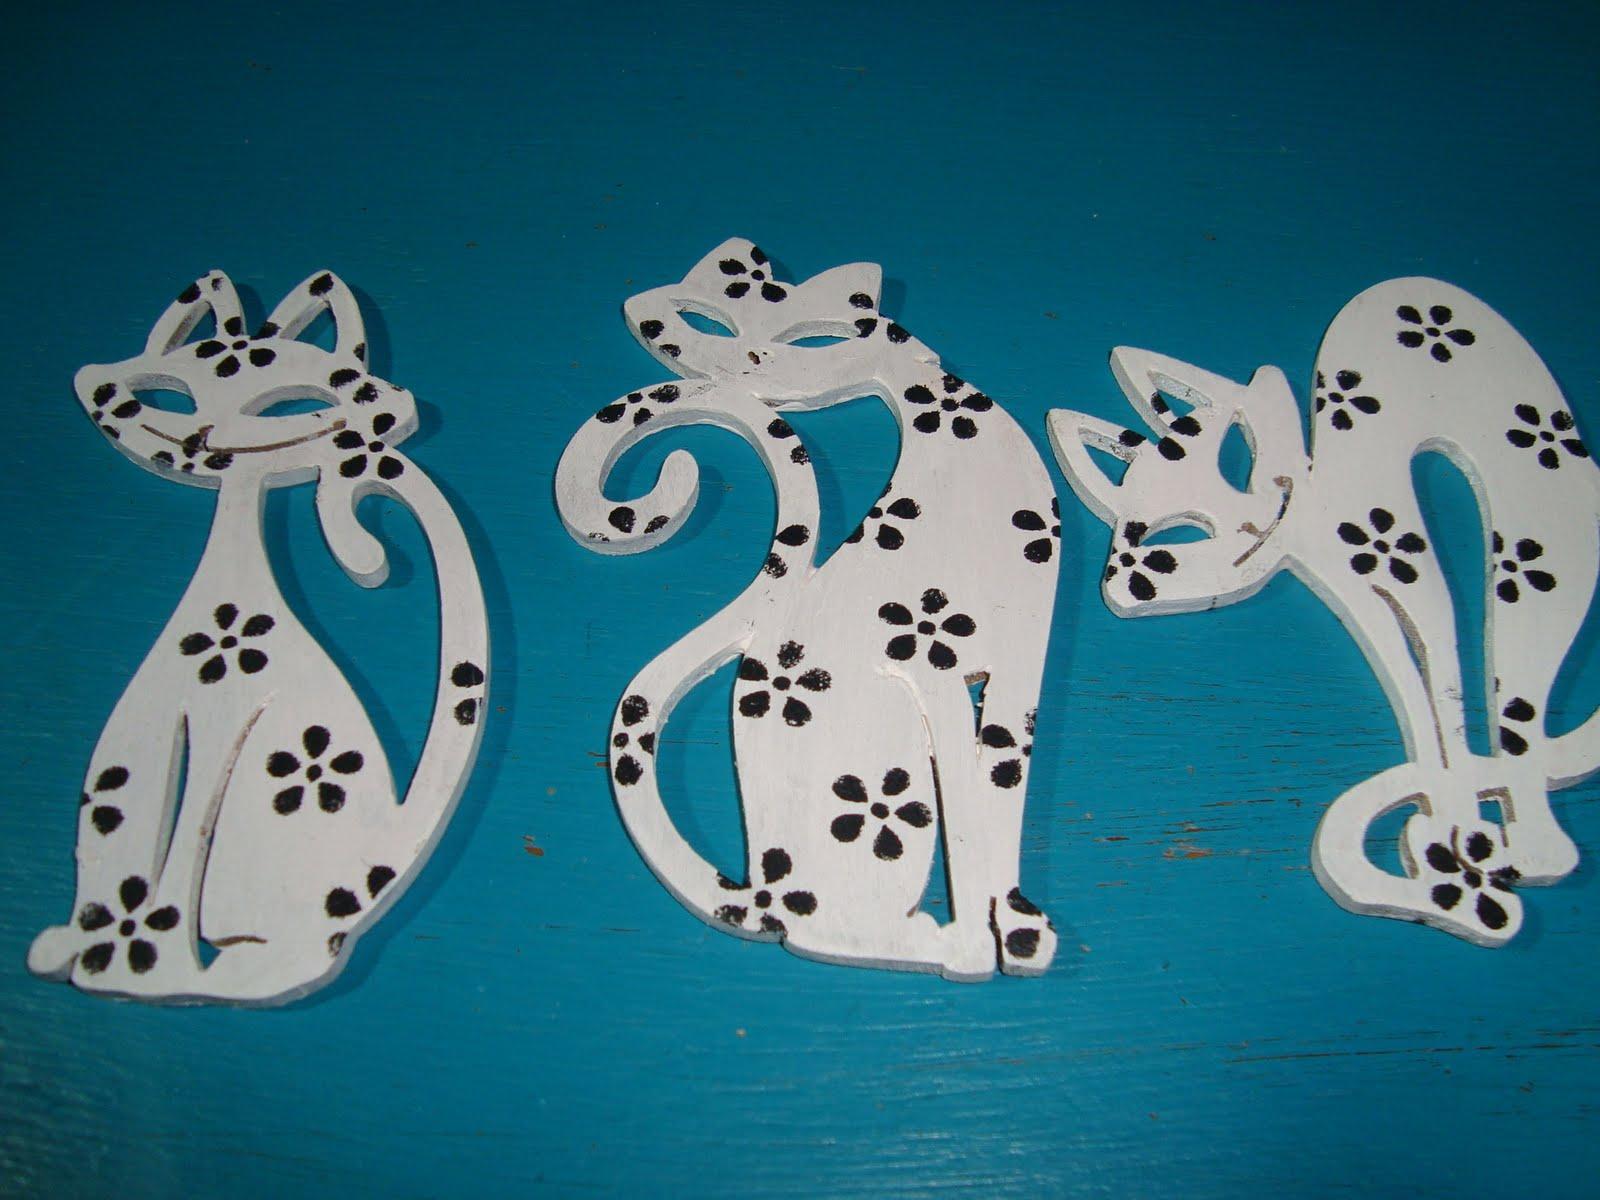 Esses recortes de gatos vazados perfeitos foram cortados à Laser. #014B60 1600x1200